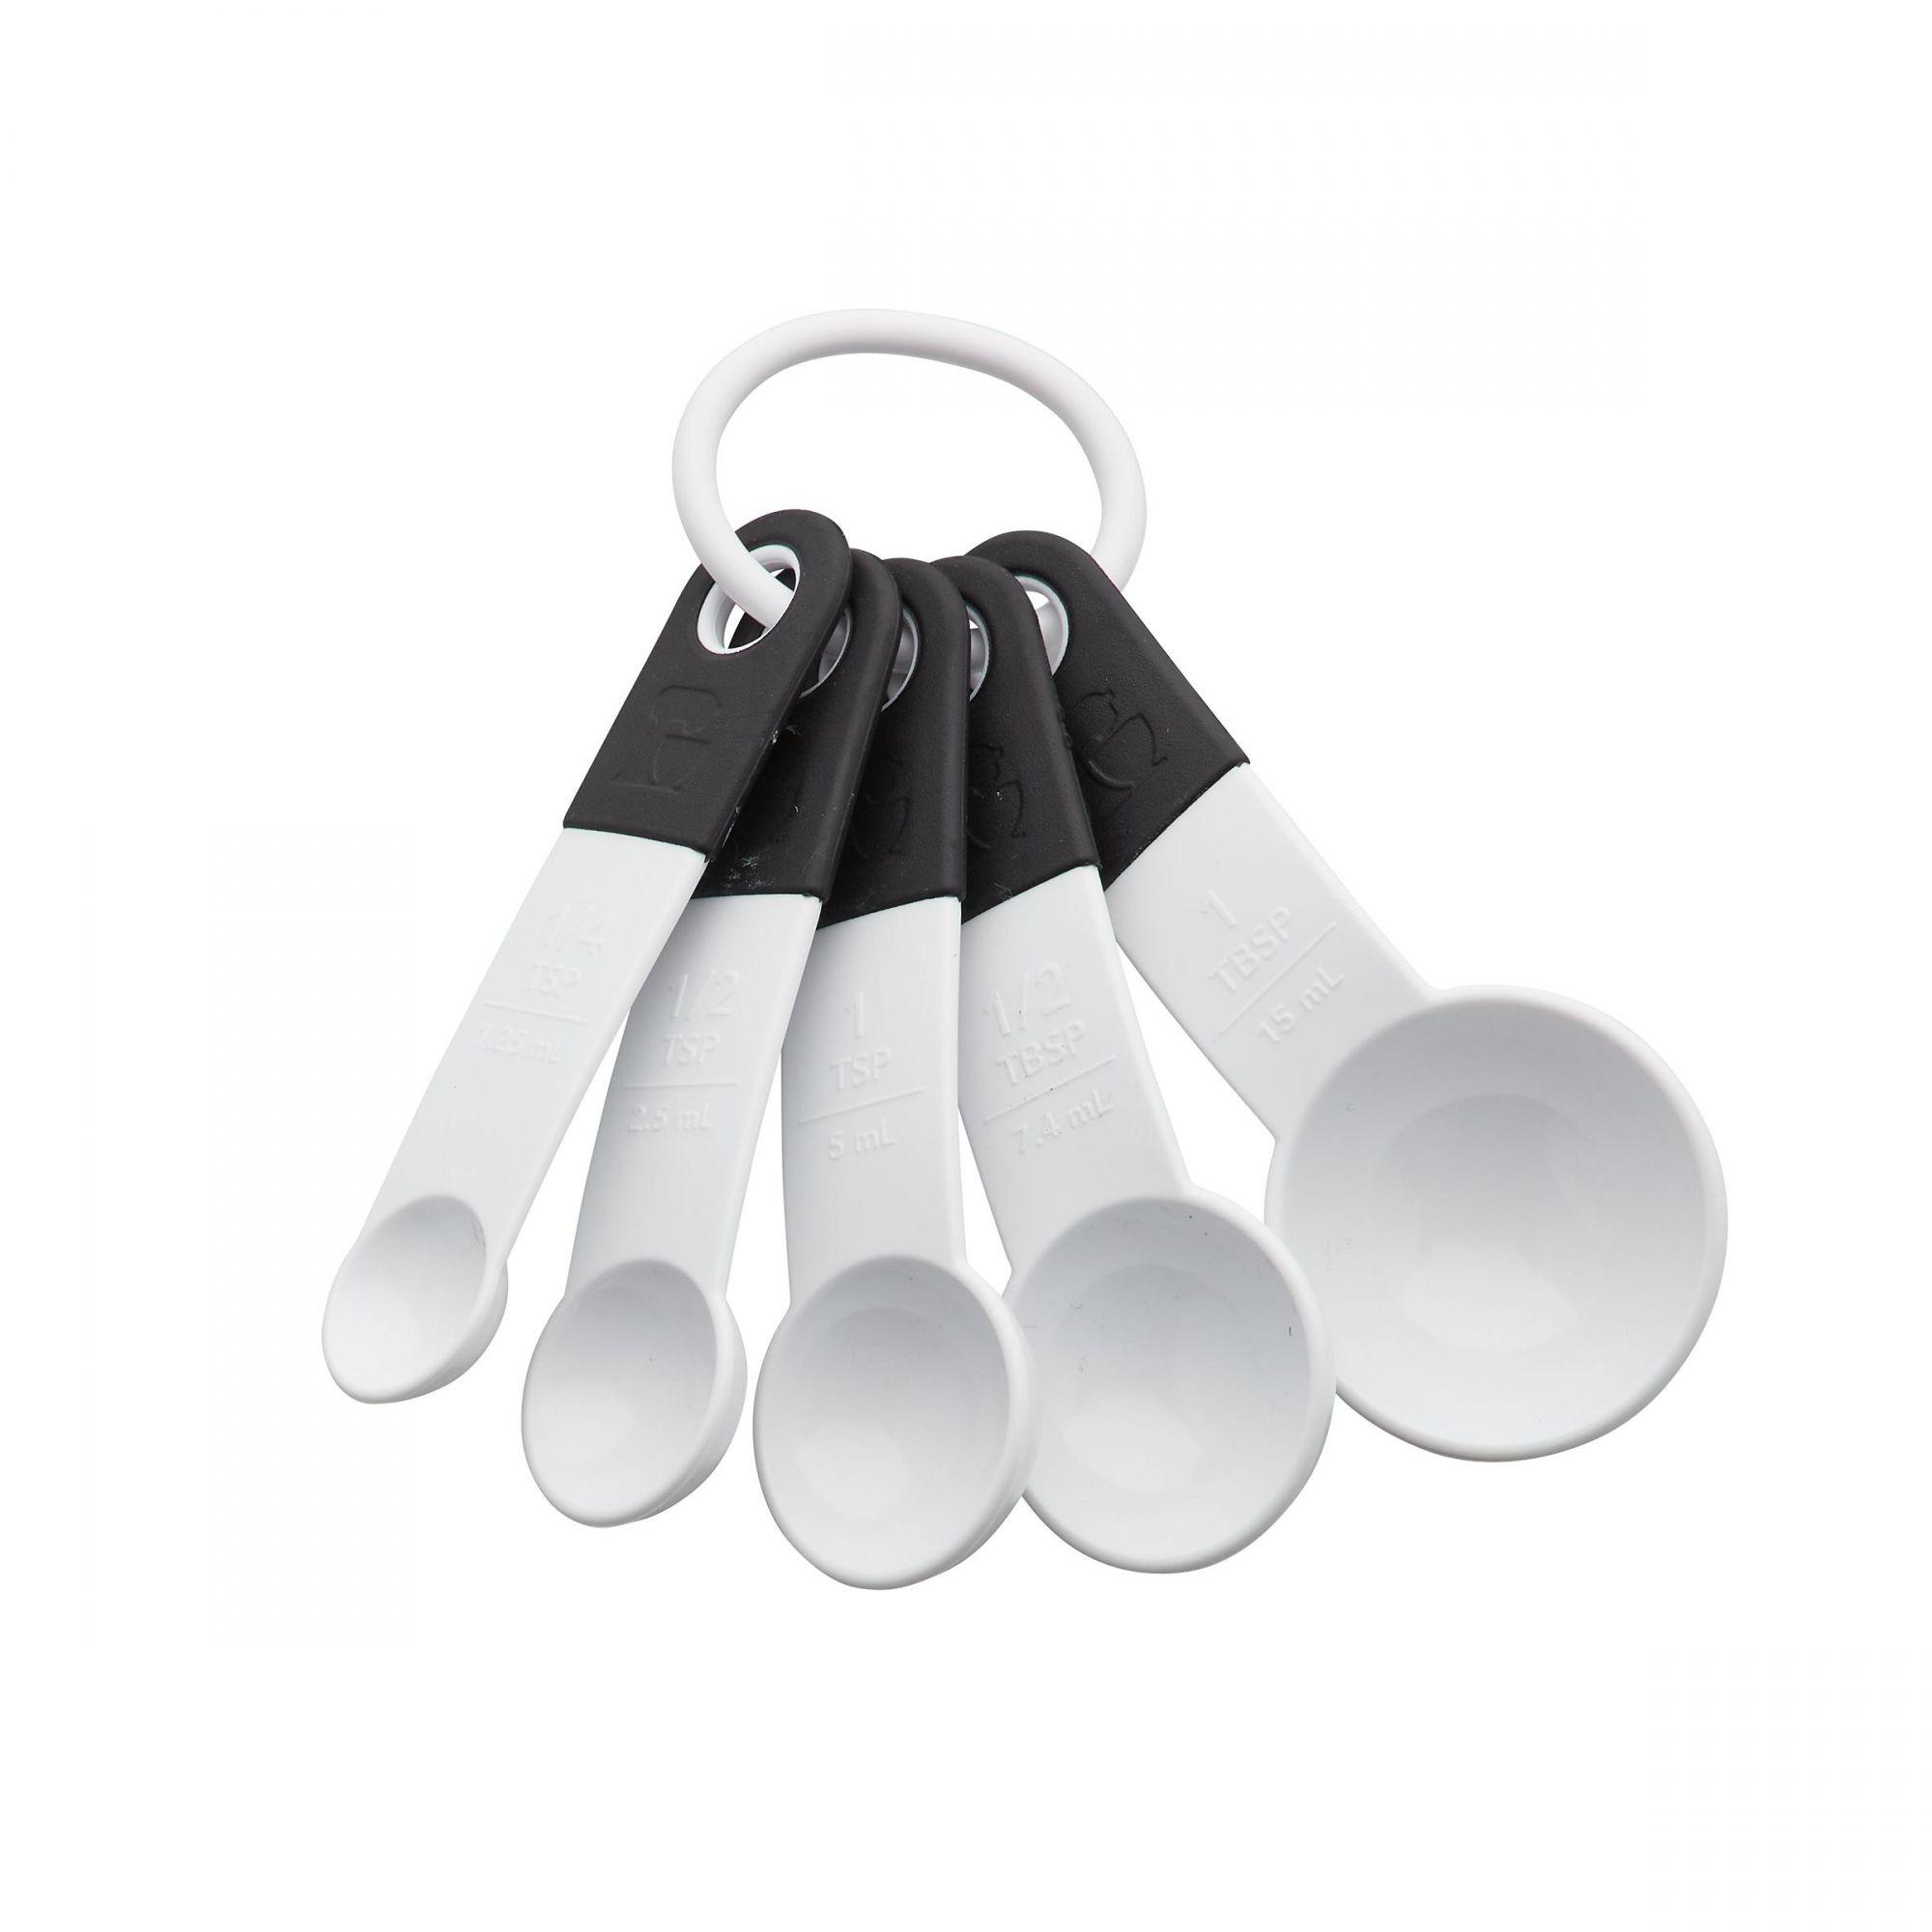 Conjunto 5 Colheres Medidoras KitchenAid - Branco